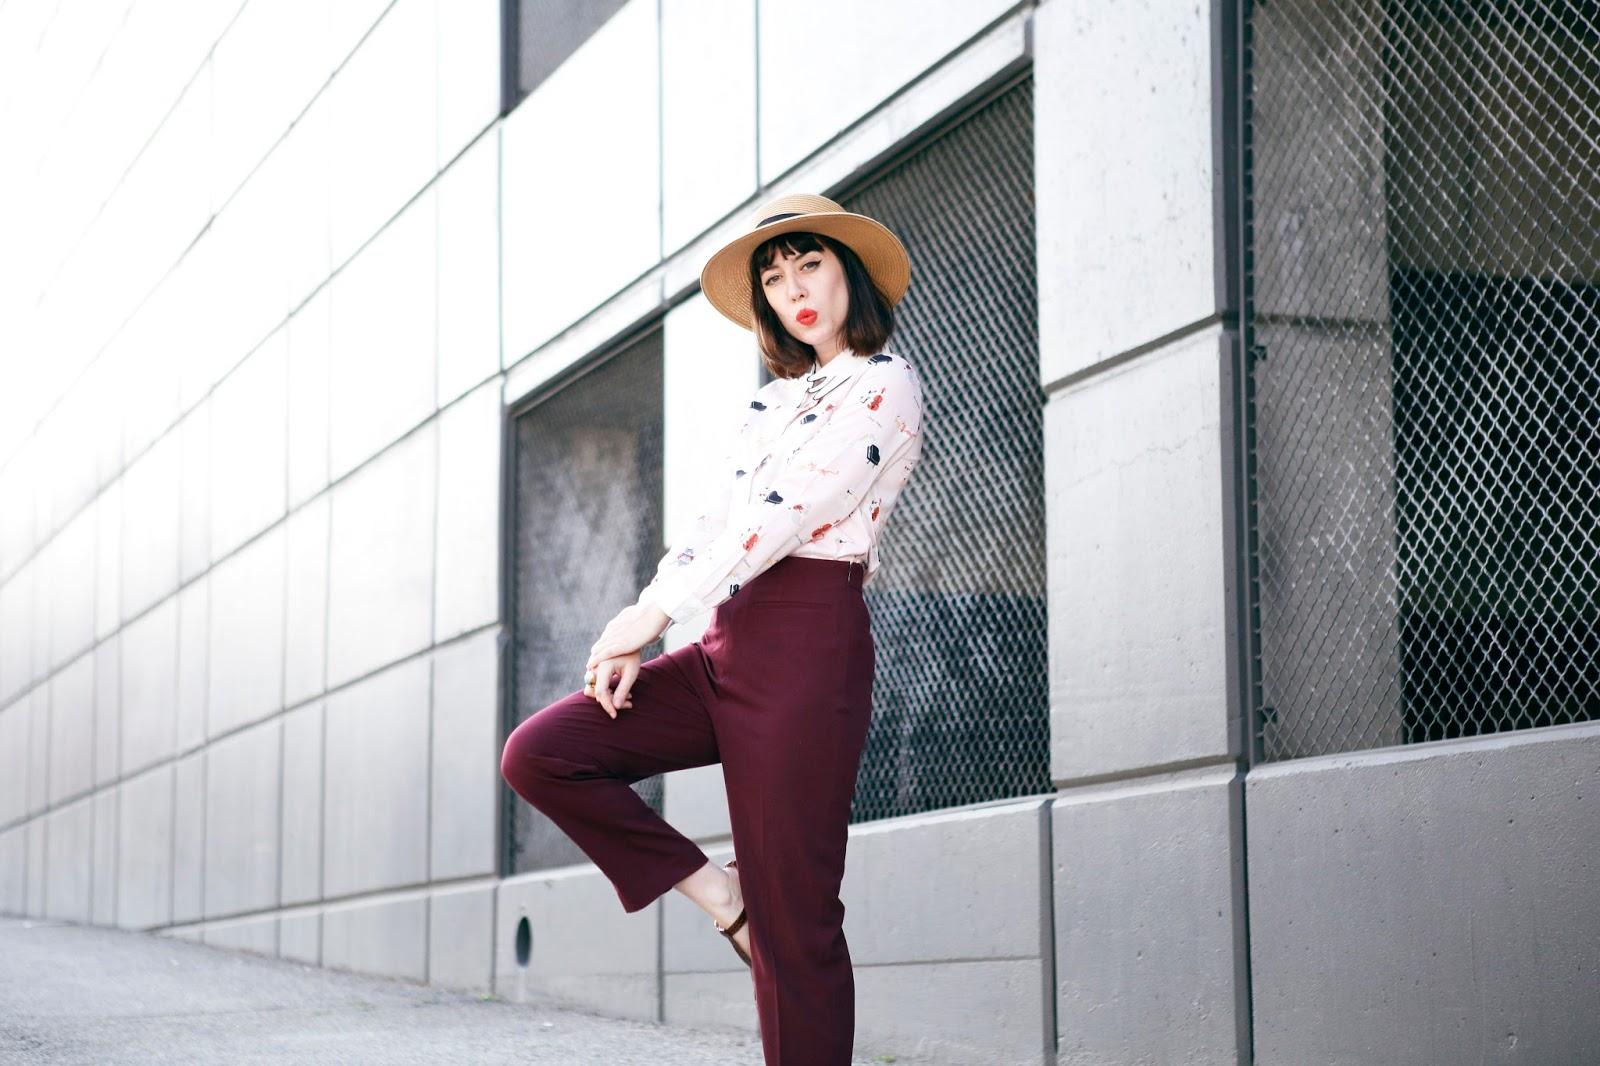 Minou Minou - A Fashion Nerd